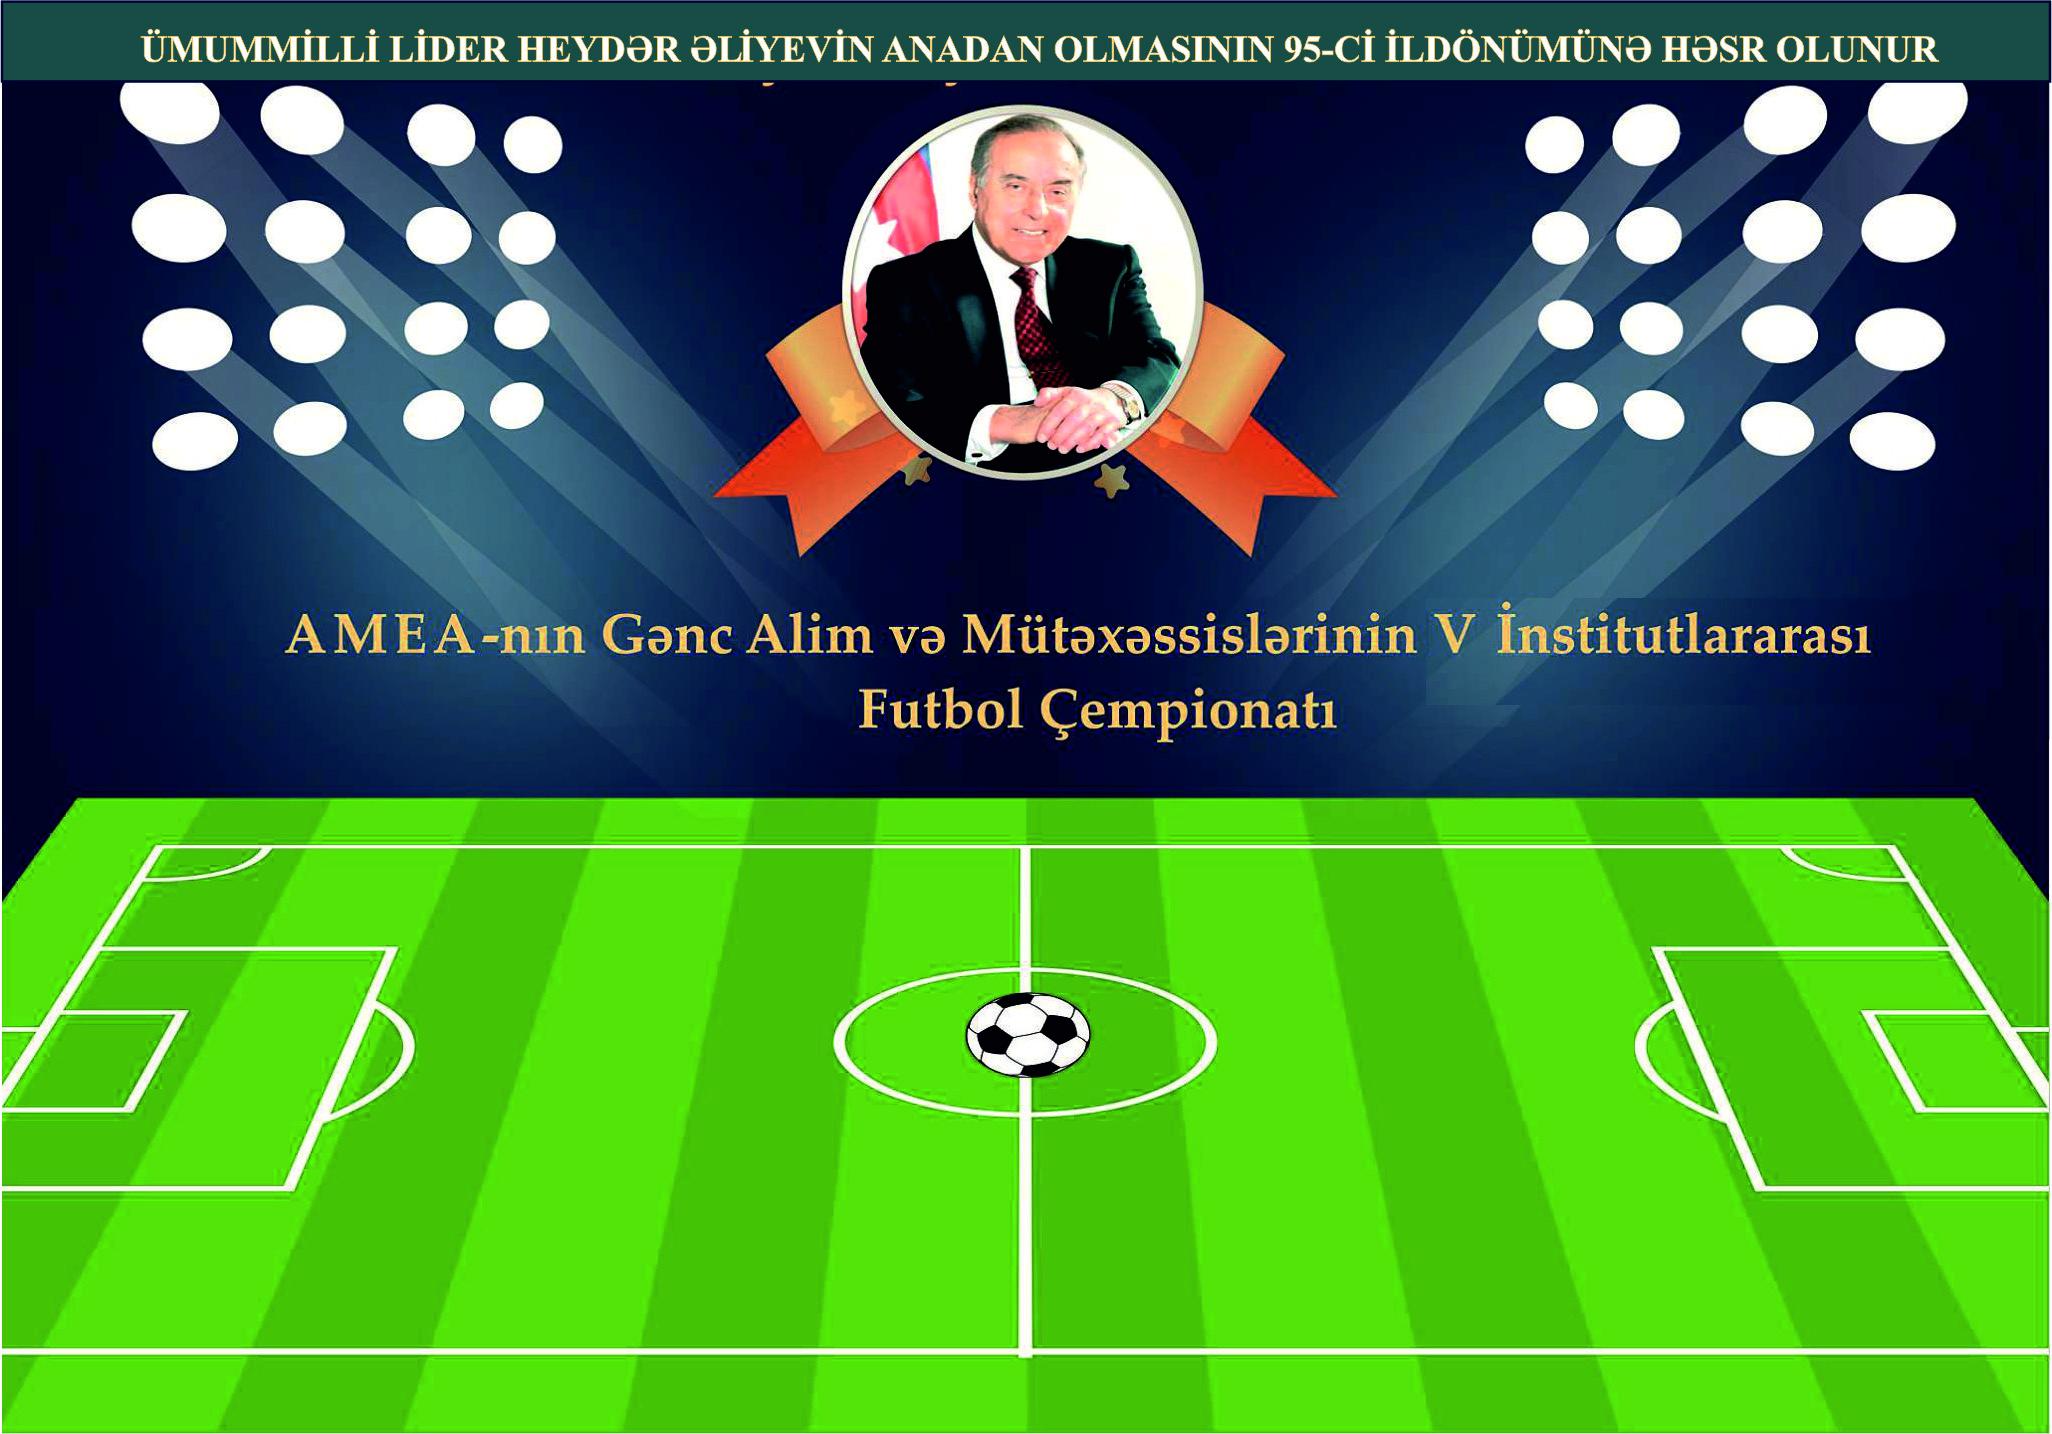 Gənc alim və mütəxəssislərin V institutlararası futbol çempionatına start verilir